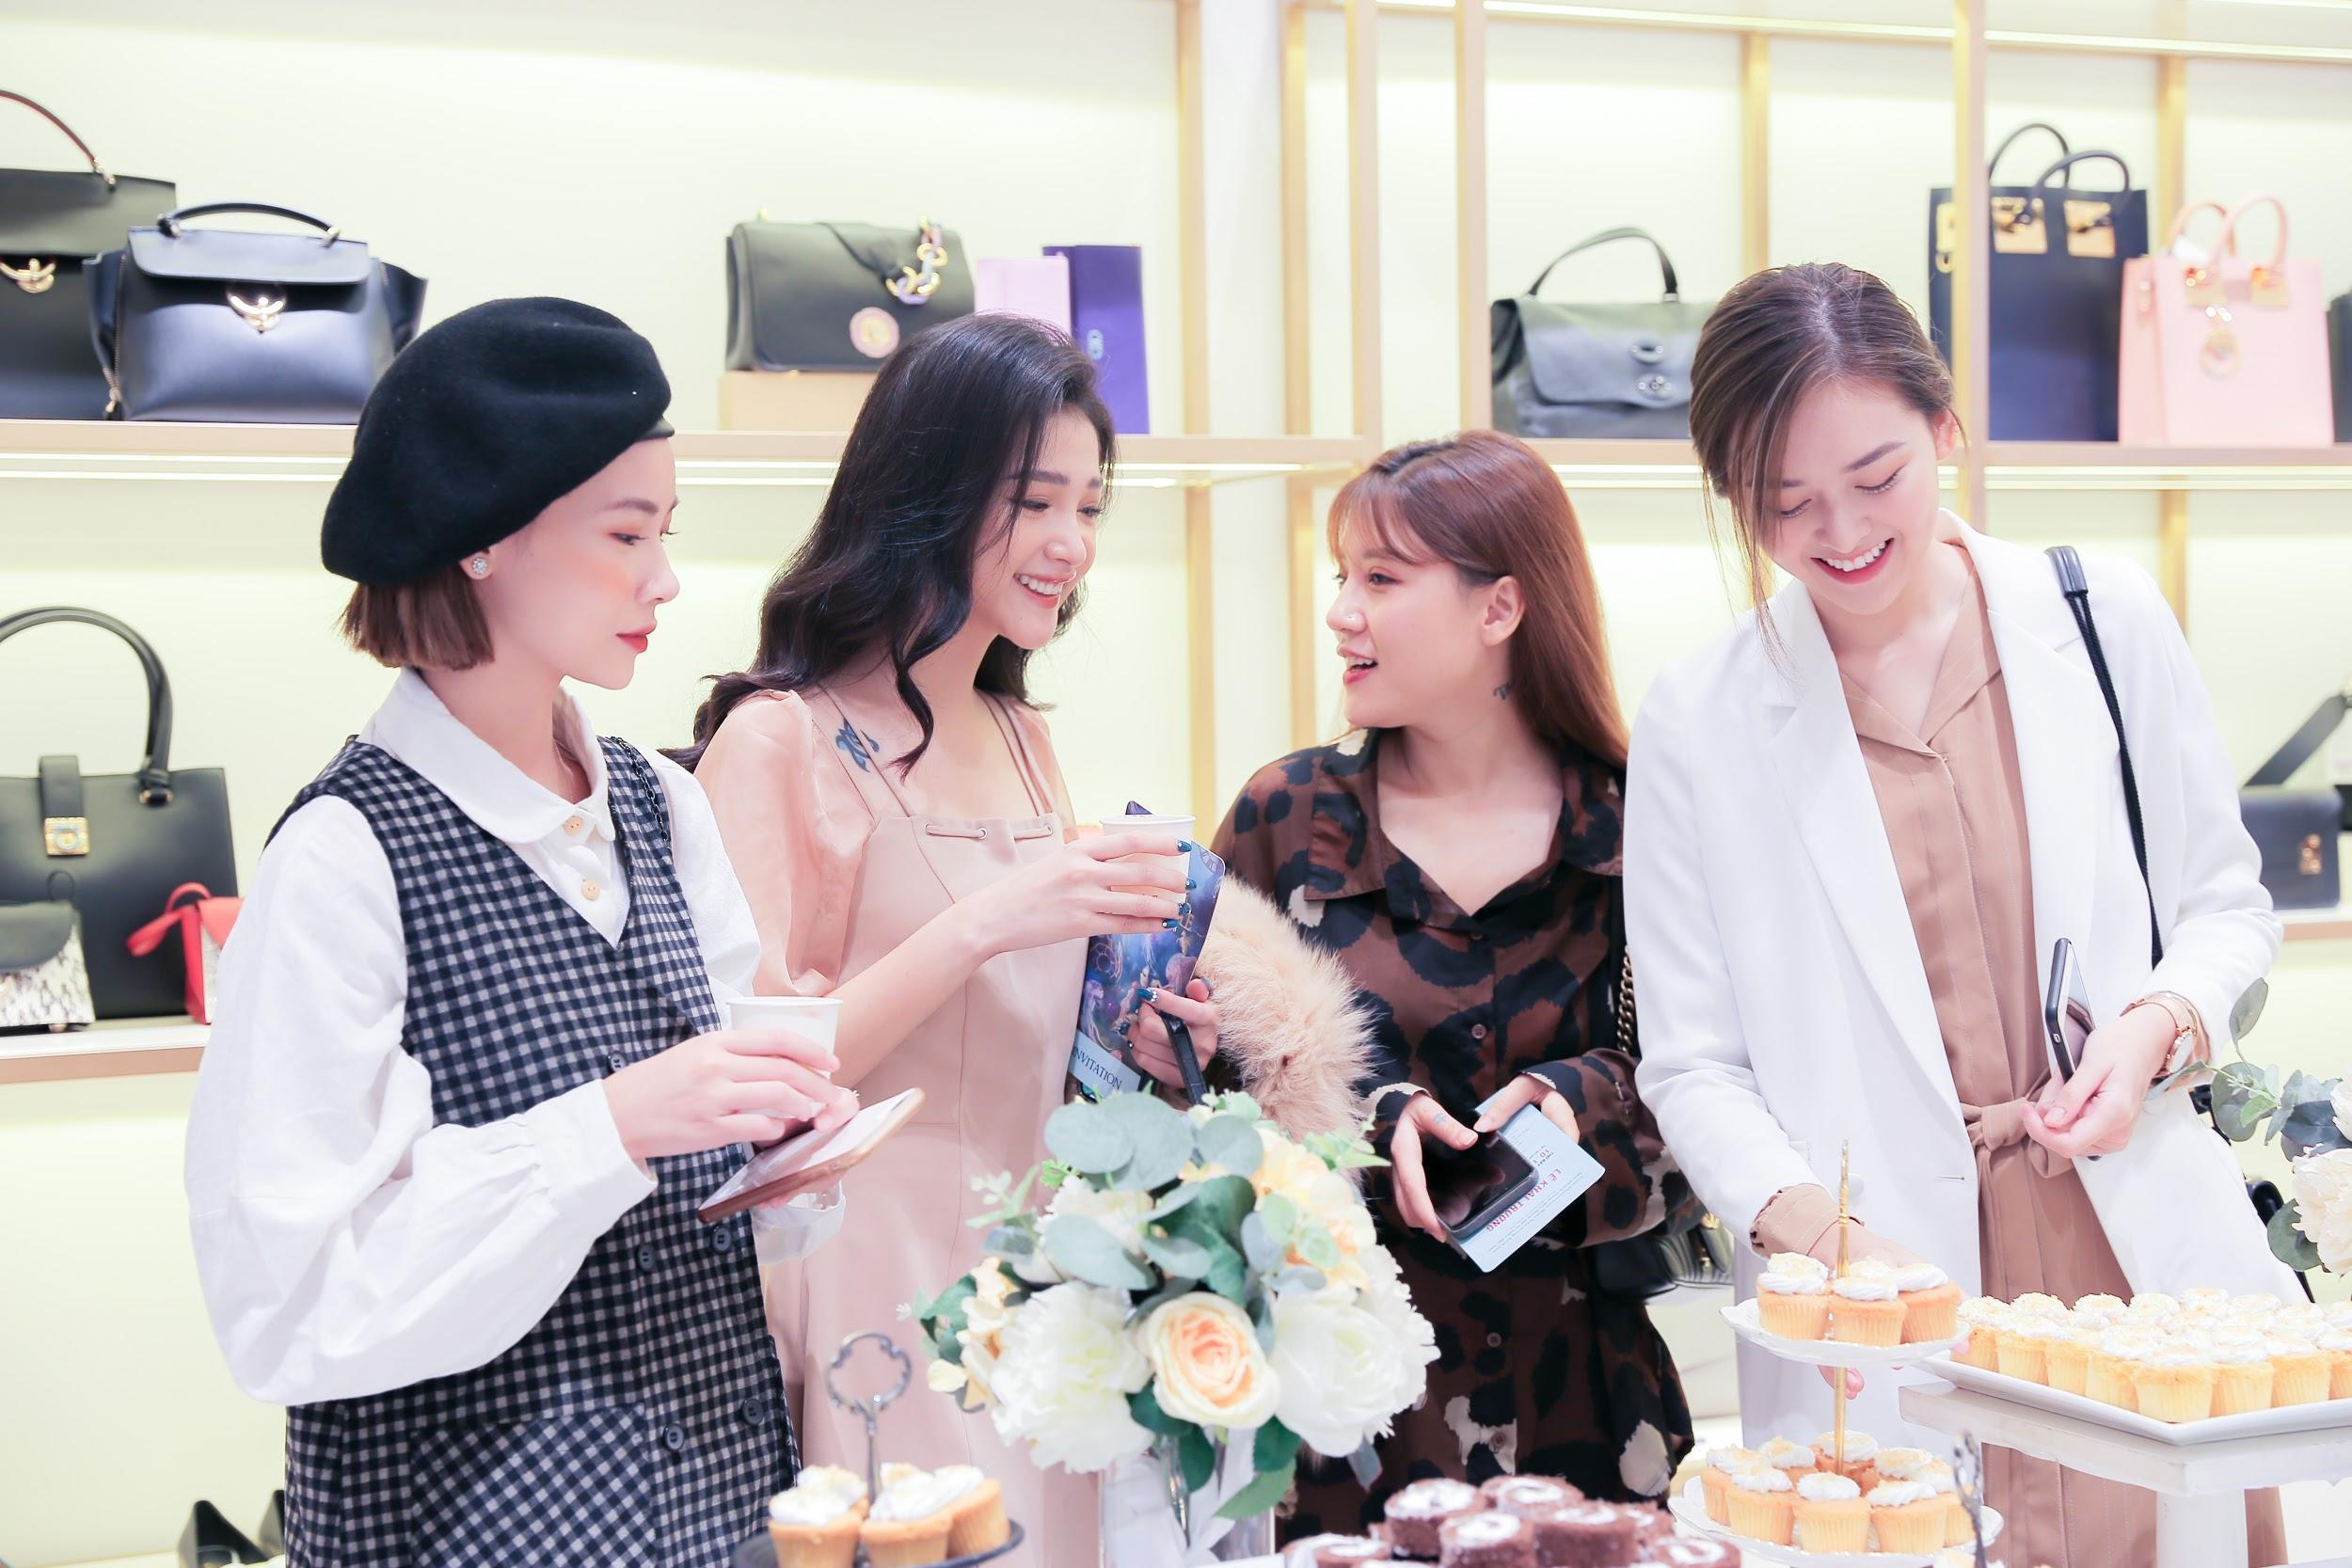 """Cặp đôi The Face Đồng Ánh Quỳnh, Khánh Linh hội ngộ, hoá thân thành đôi """"soái tỷ rủ nhau đi mua sắm - Ảnh 8."""